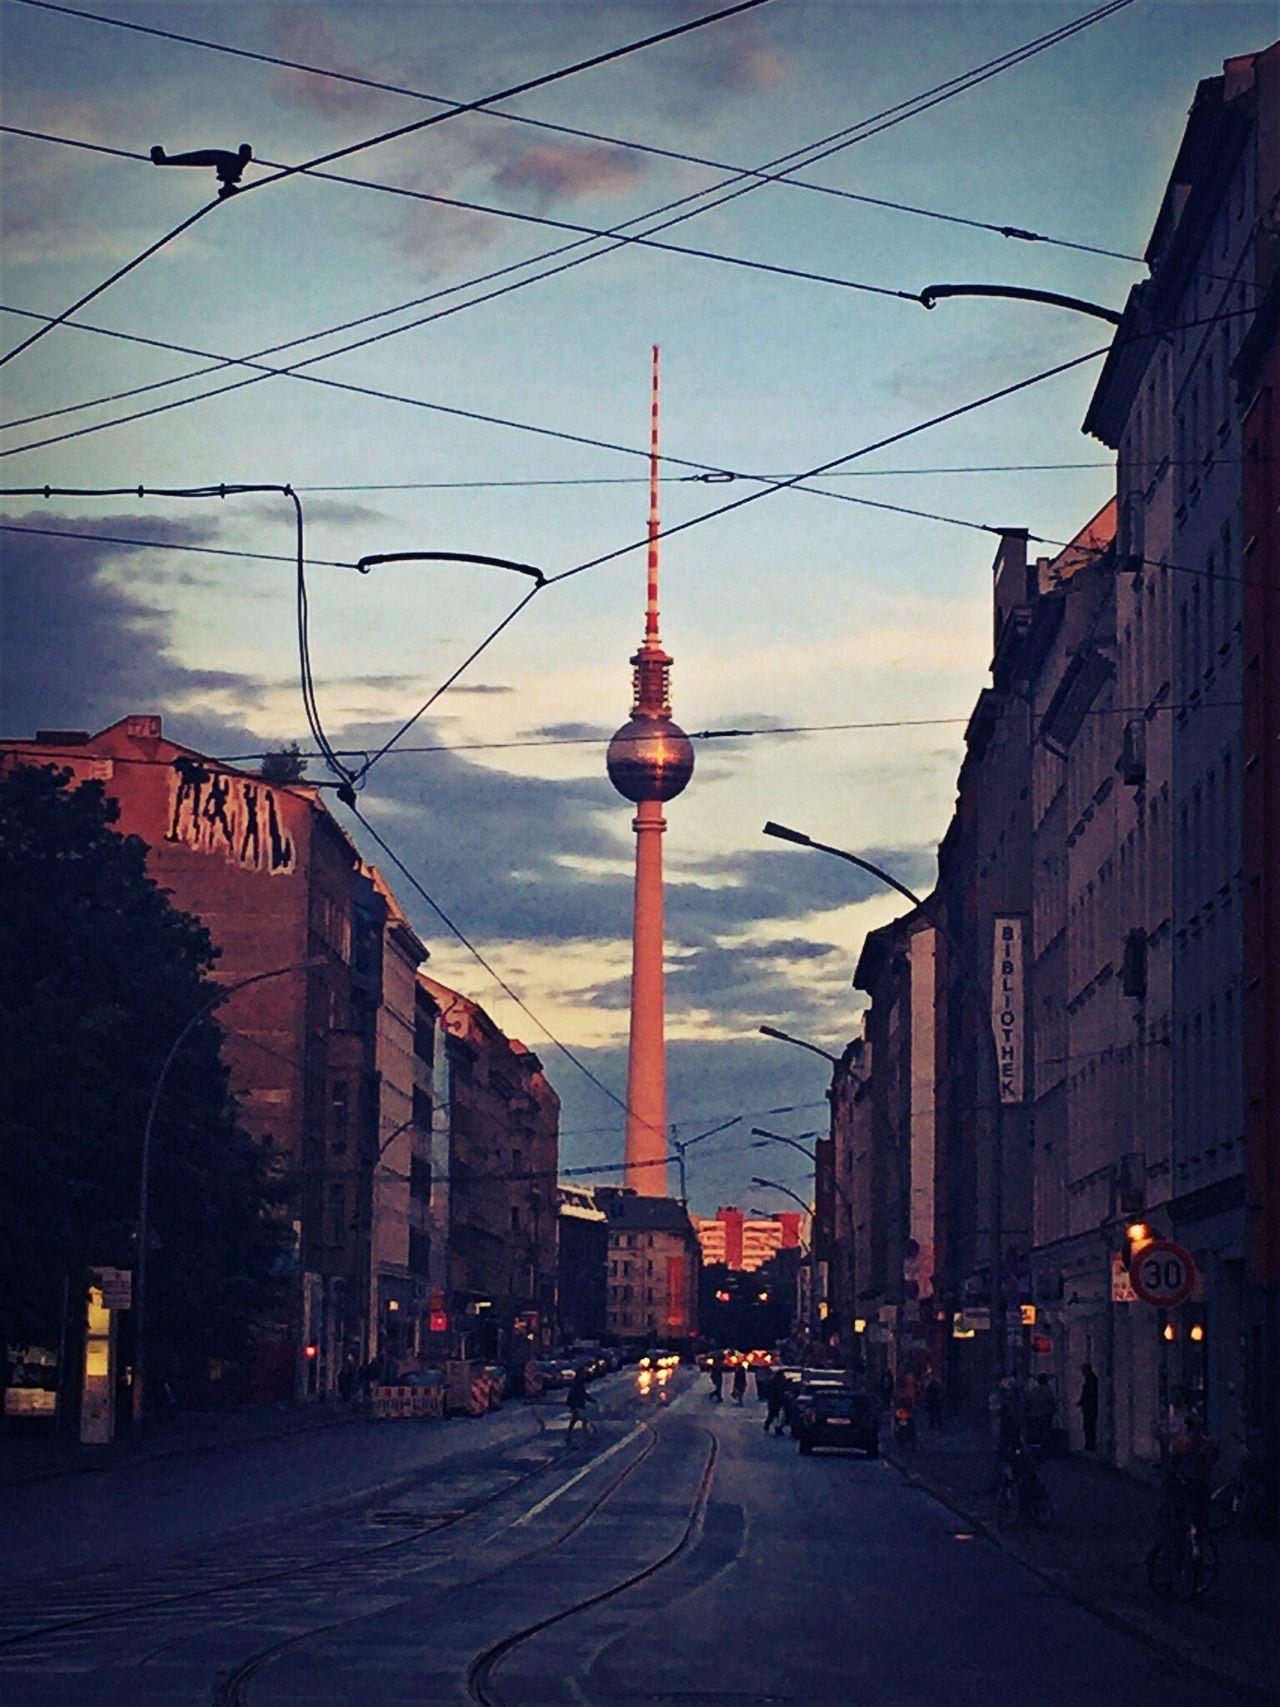 Berliner Ansichten Berlin Mitte Berlin Photography Berlincity Sunset Tvtower Tvtowerberlin Tvtower #berlin #alexanderplatz Beautiful Skyoverberlin